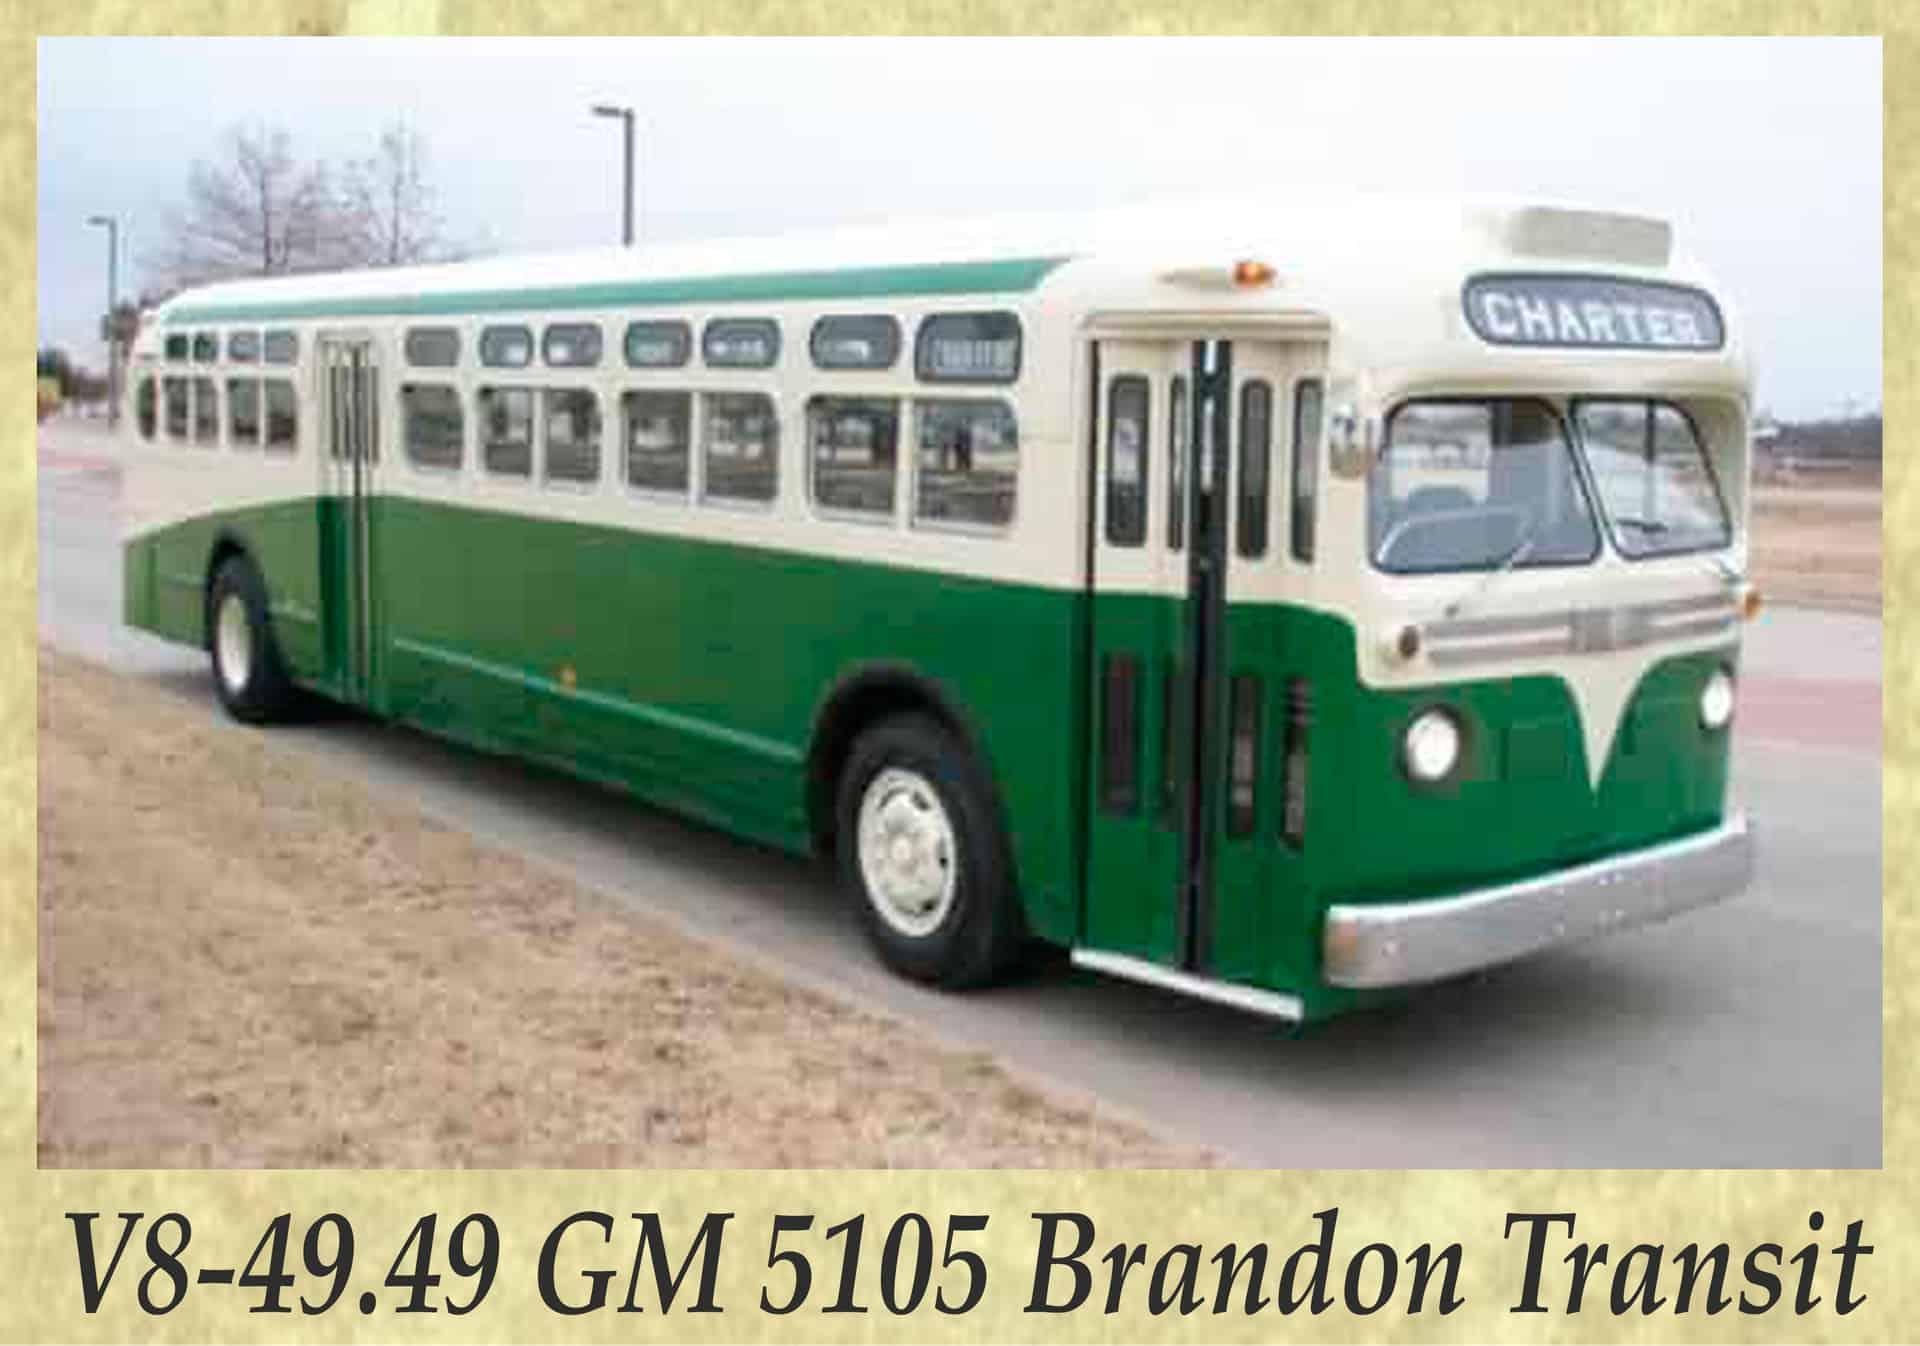 V8-49.49 GM 5105 Brandon Transit